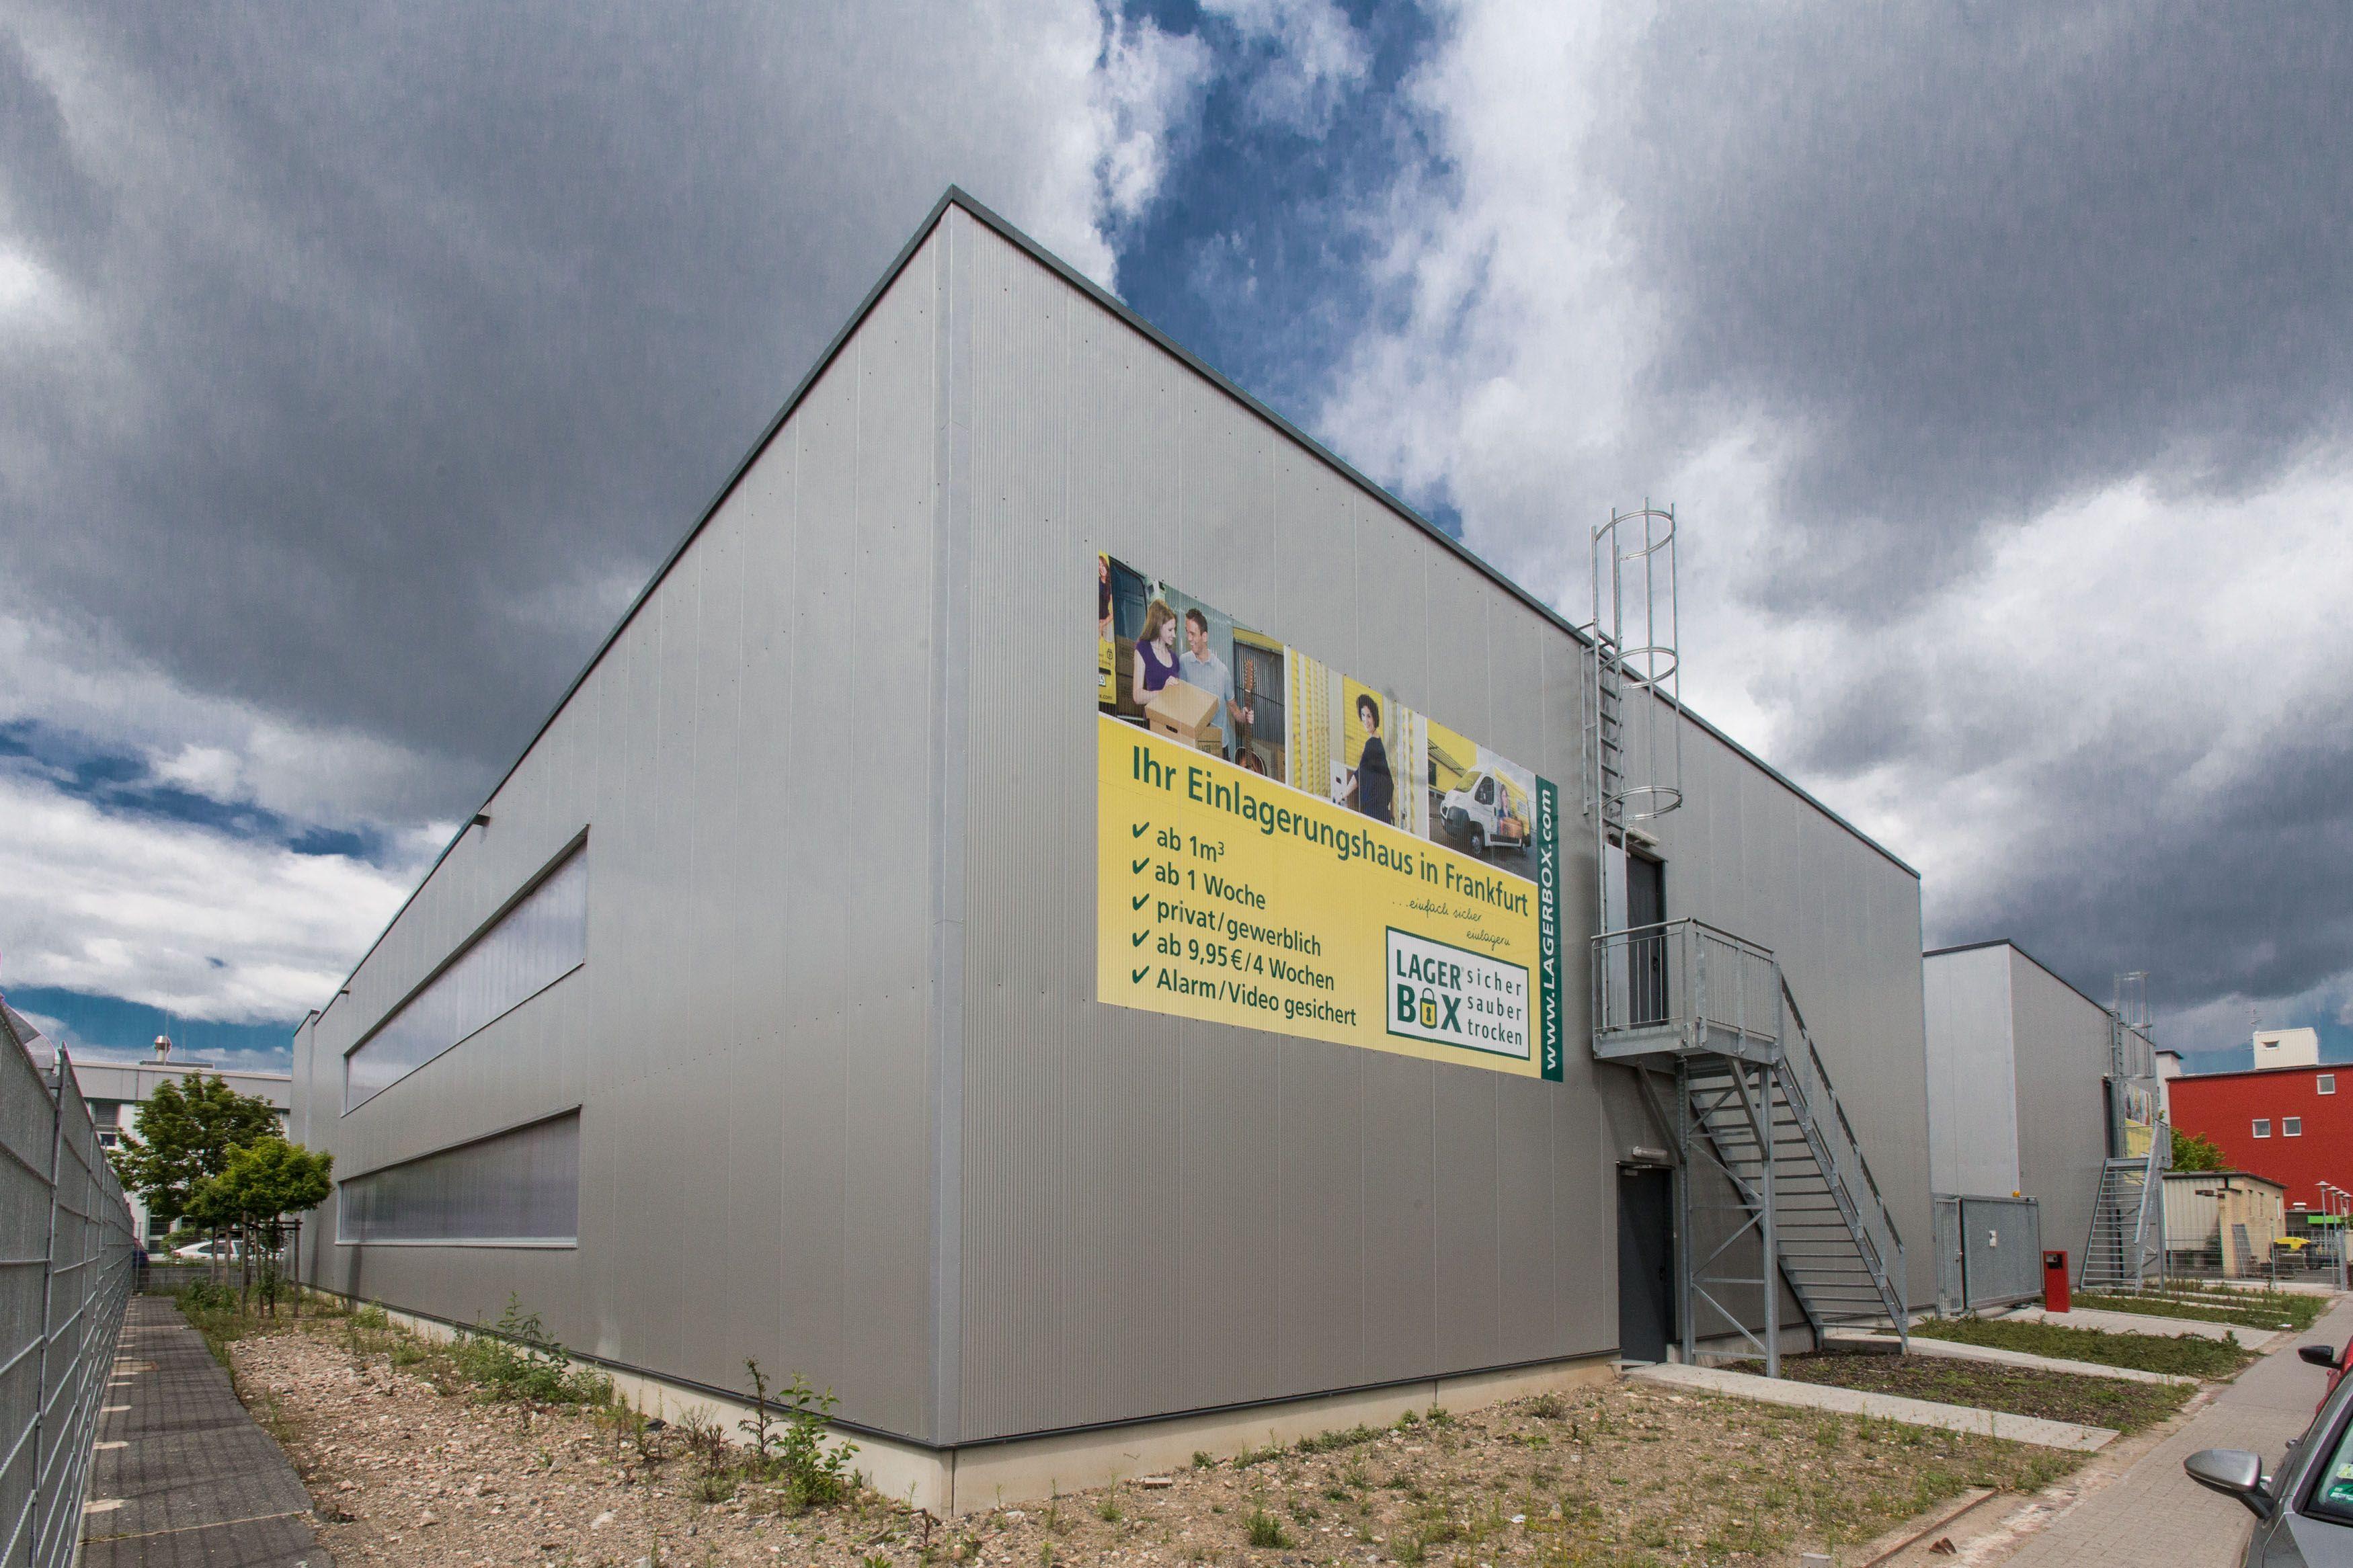 Selfstorage Lagerraum Mieten Bei Lagerbox In Frankfurt Sicher